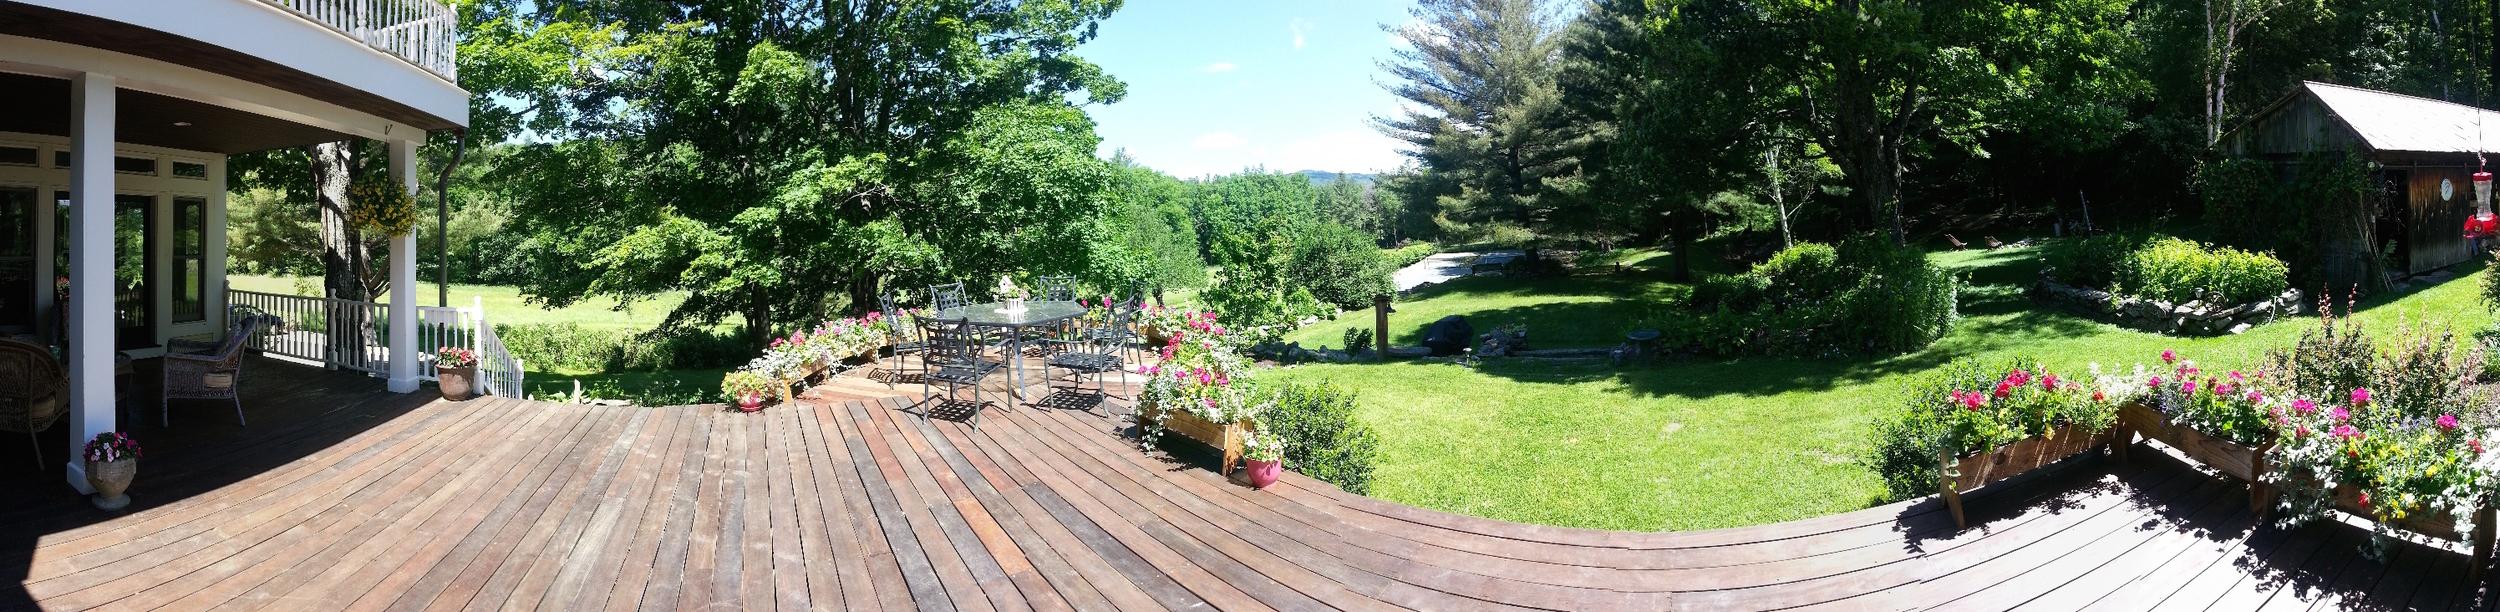 Woodstock, Vermont: June 2014